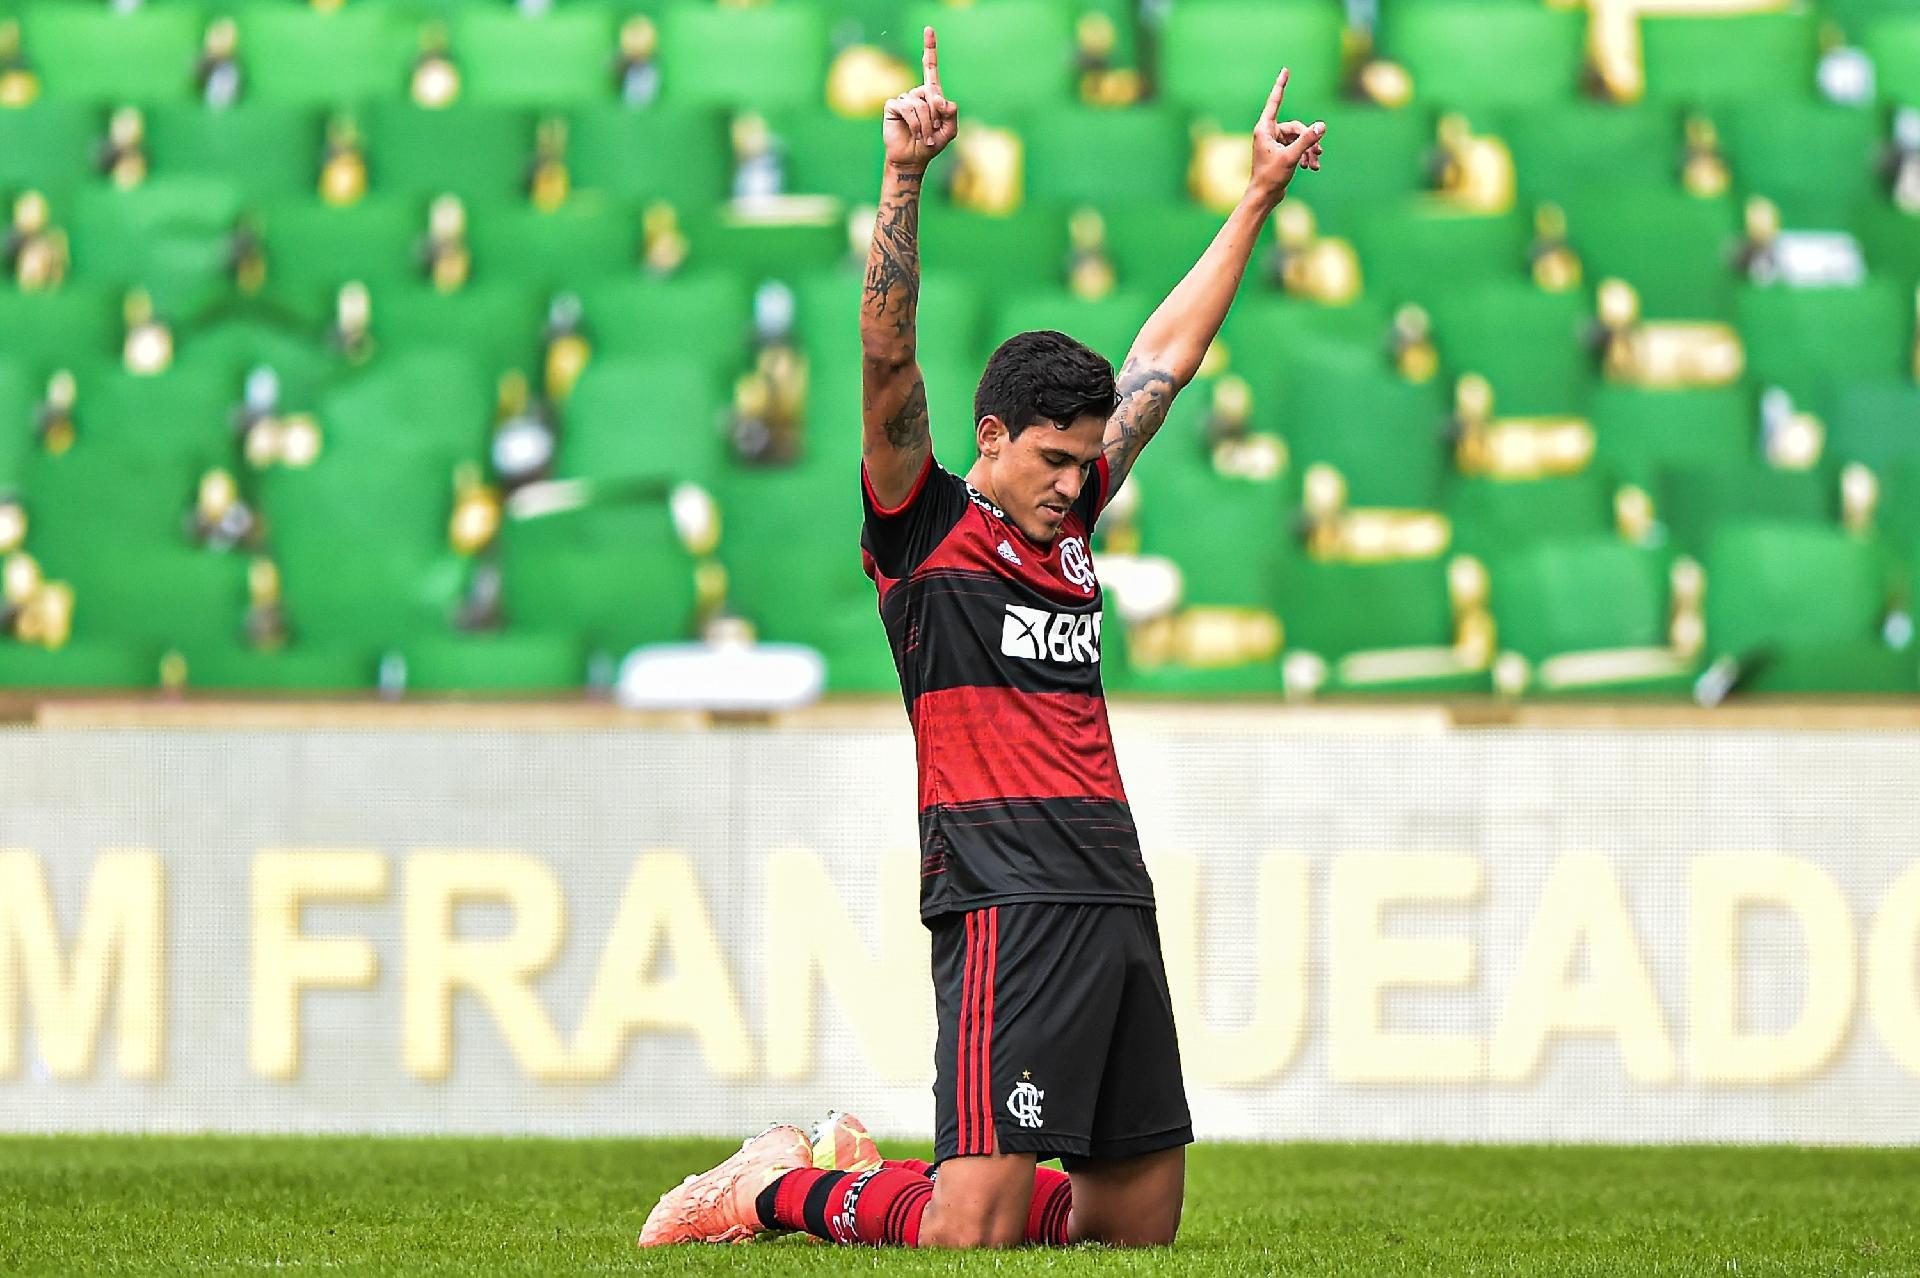 Pedro abre o placar para o Flamengo na ida da decisão do Carioca contra o Fluminense